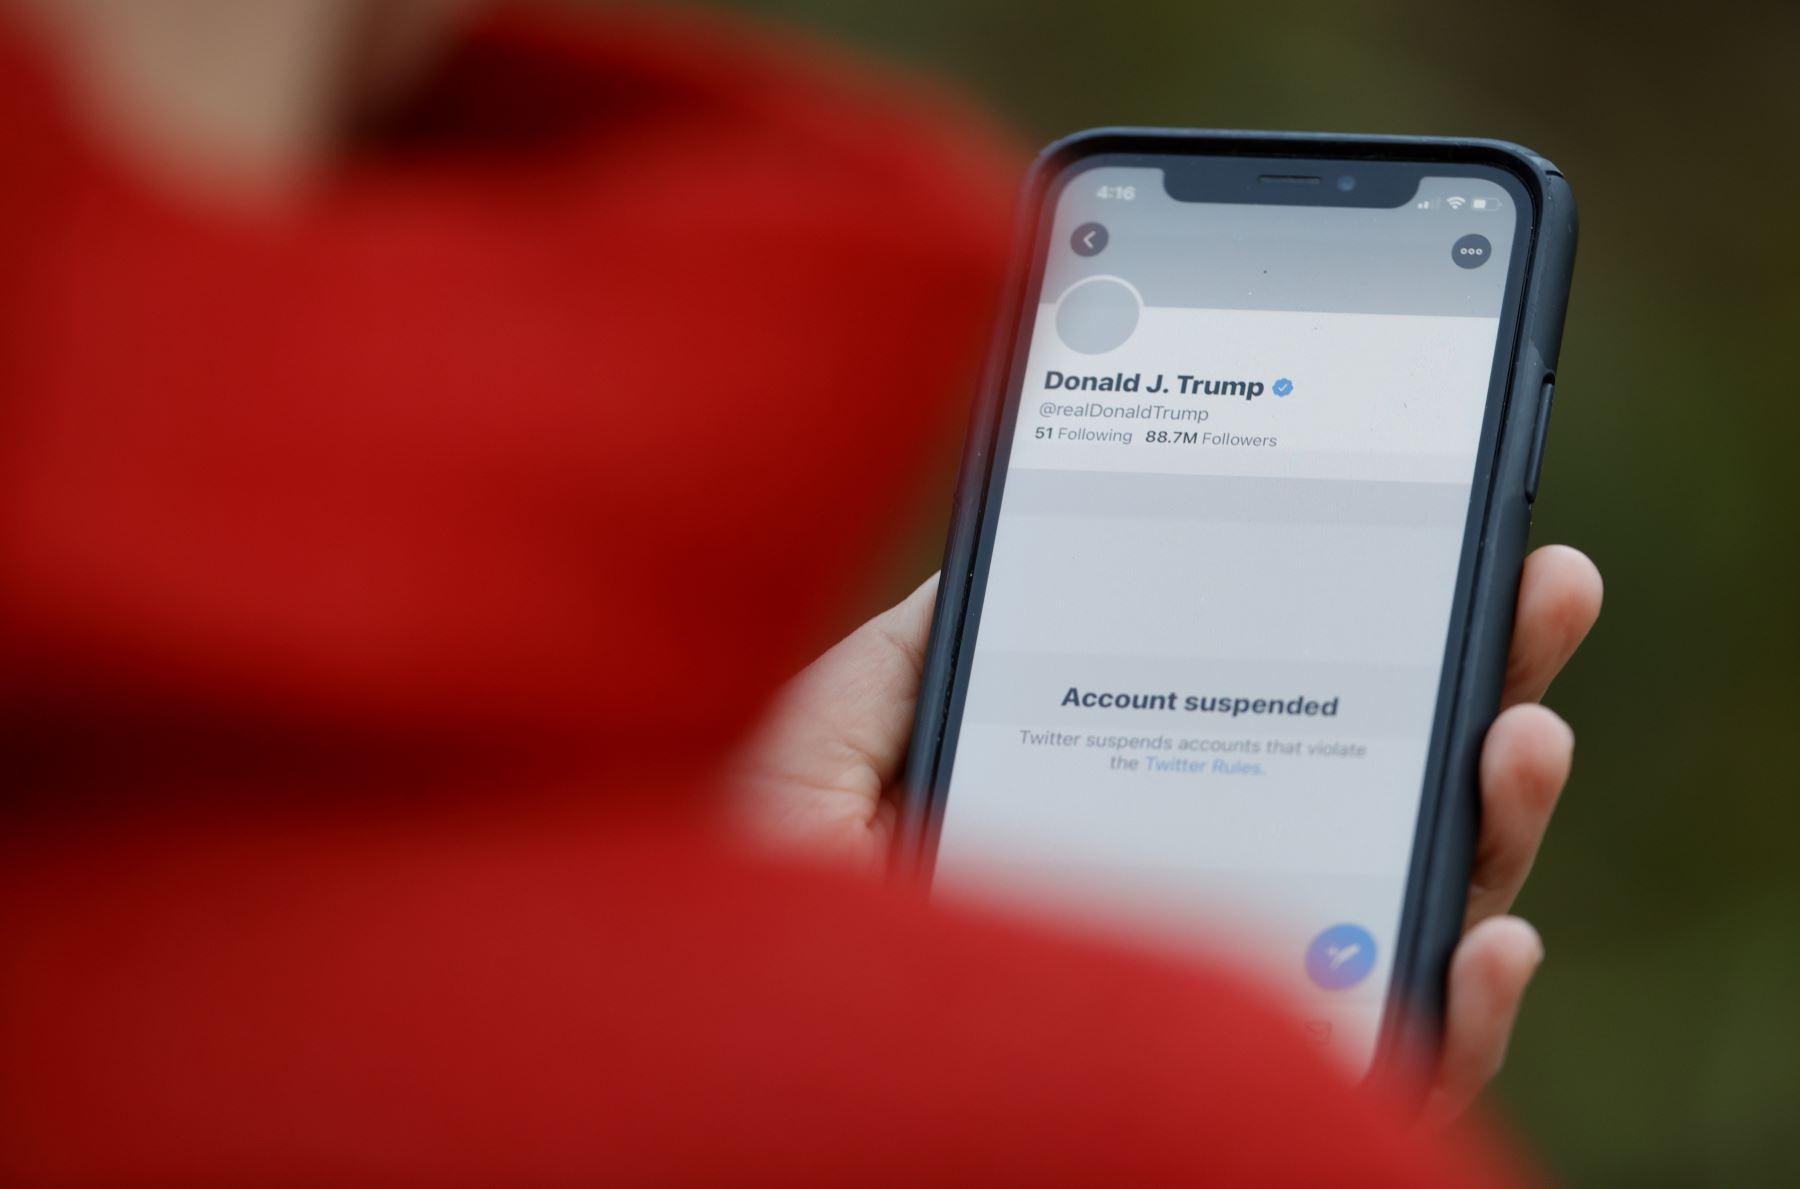 """""""¡No nos silenciarán!"""", exclamó Trump en un comunicado distribuido por la Casa Blanca después de que Twitter anunciara que le había privado definitivamente de su cuenta personal en la red social, @realDonaldTrump. Foto: AFP"""